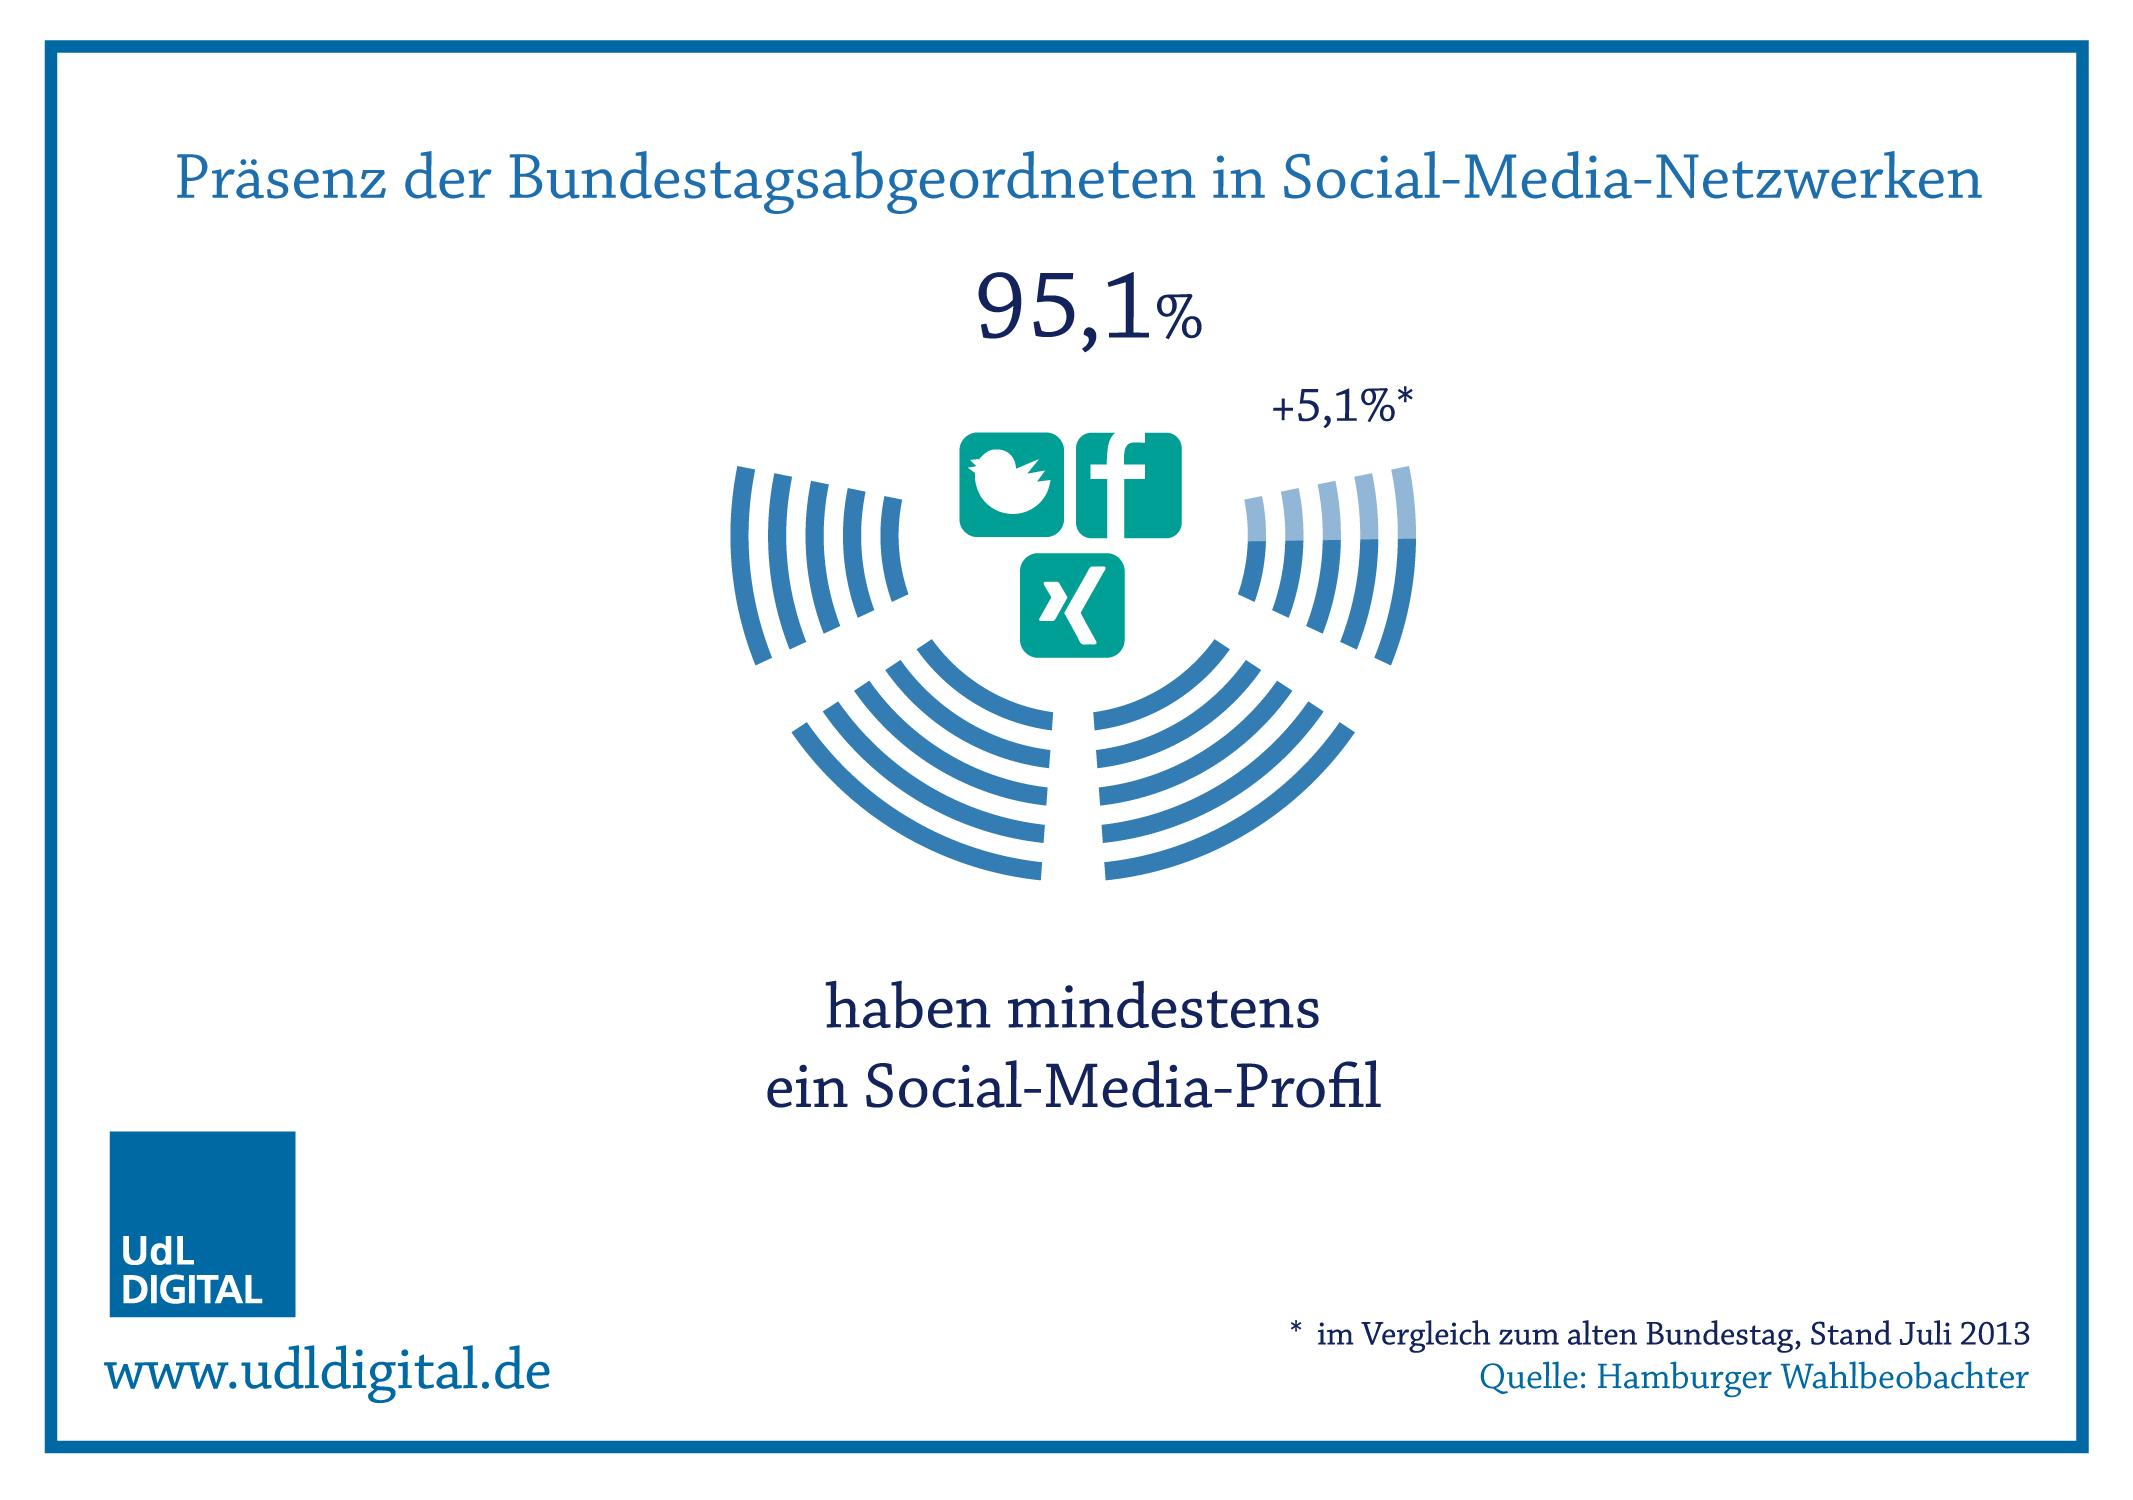 socialmedia_0910-09-09